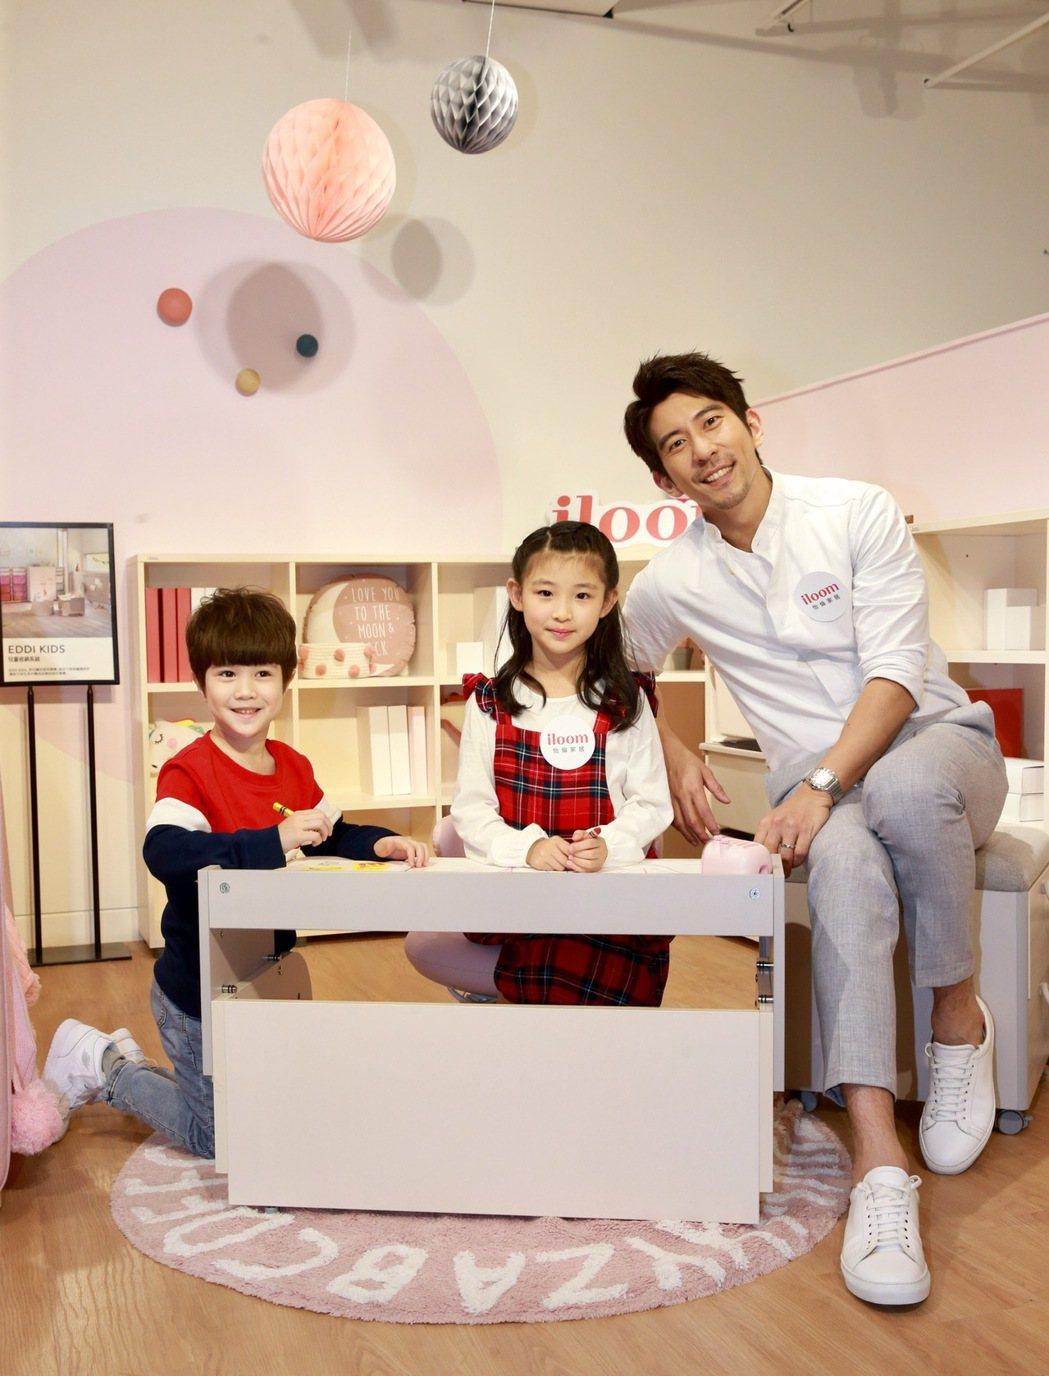 修杰楷出席兒童家具品牌記者會,為自己三個寶貝女兒,物色適合的成長型家具,因應女兒...